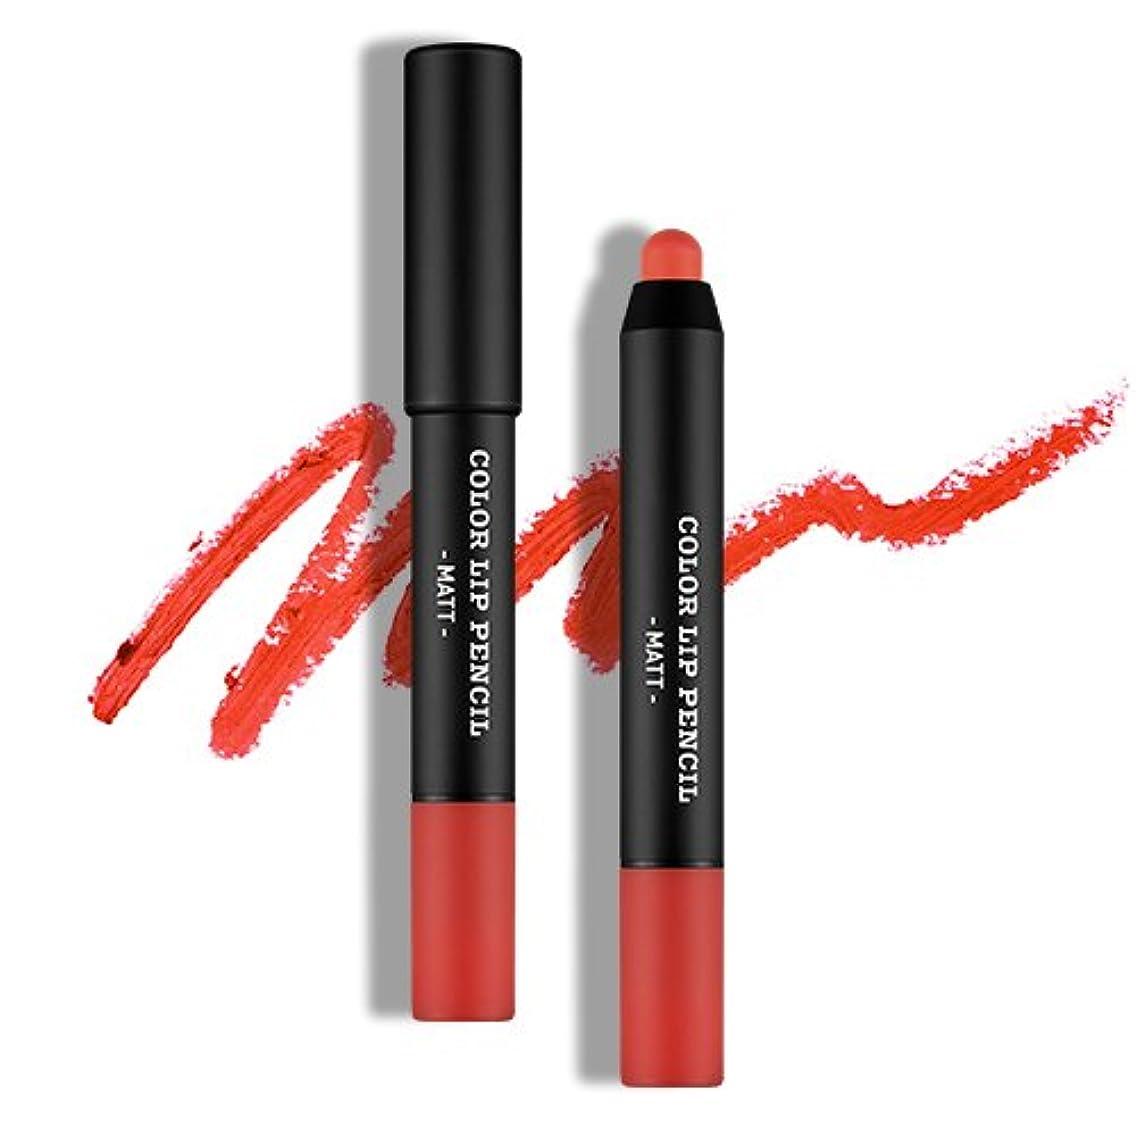 批判する午後シャーロックホームズ[韓国コスメ Apieu] [オピュ] カラーリップペンシル(マット) [Apieu] Color Lip Pencil(Matt) (OR02) [並行輸入品]